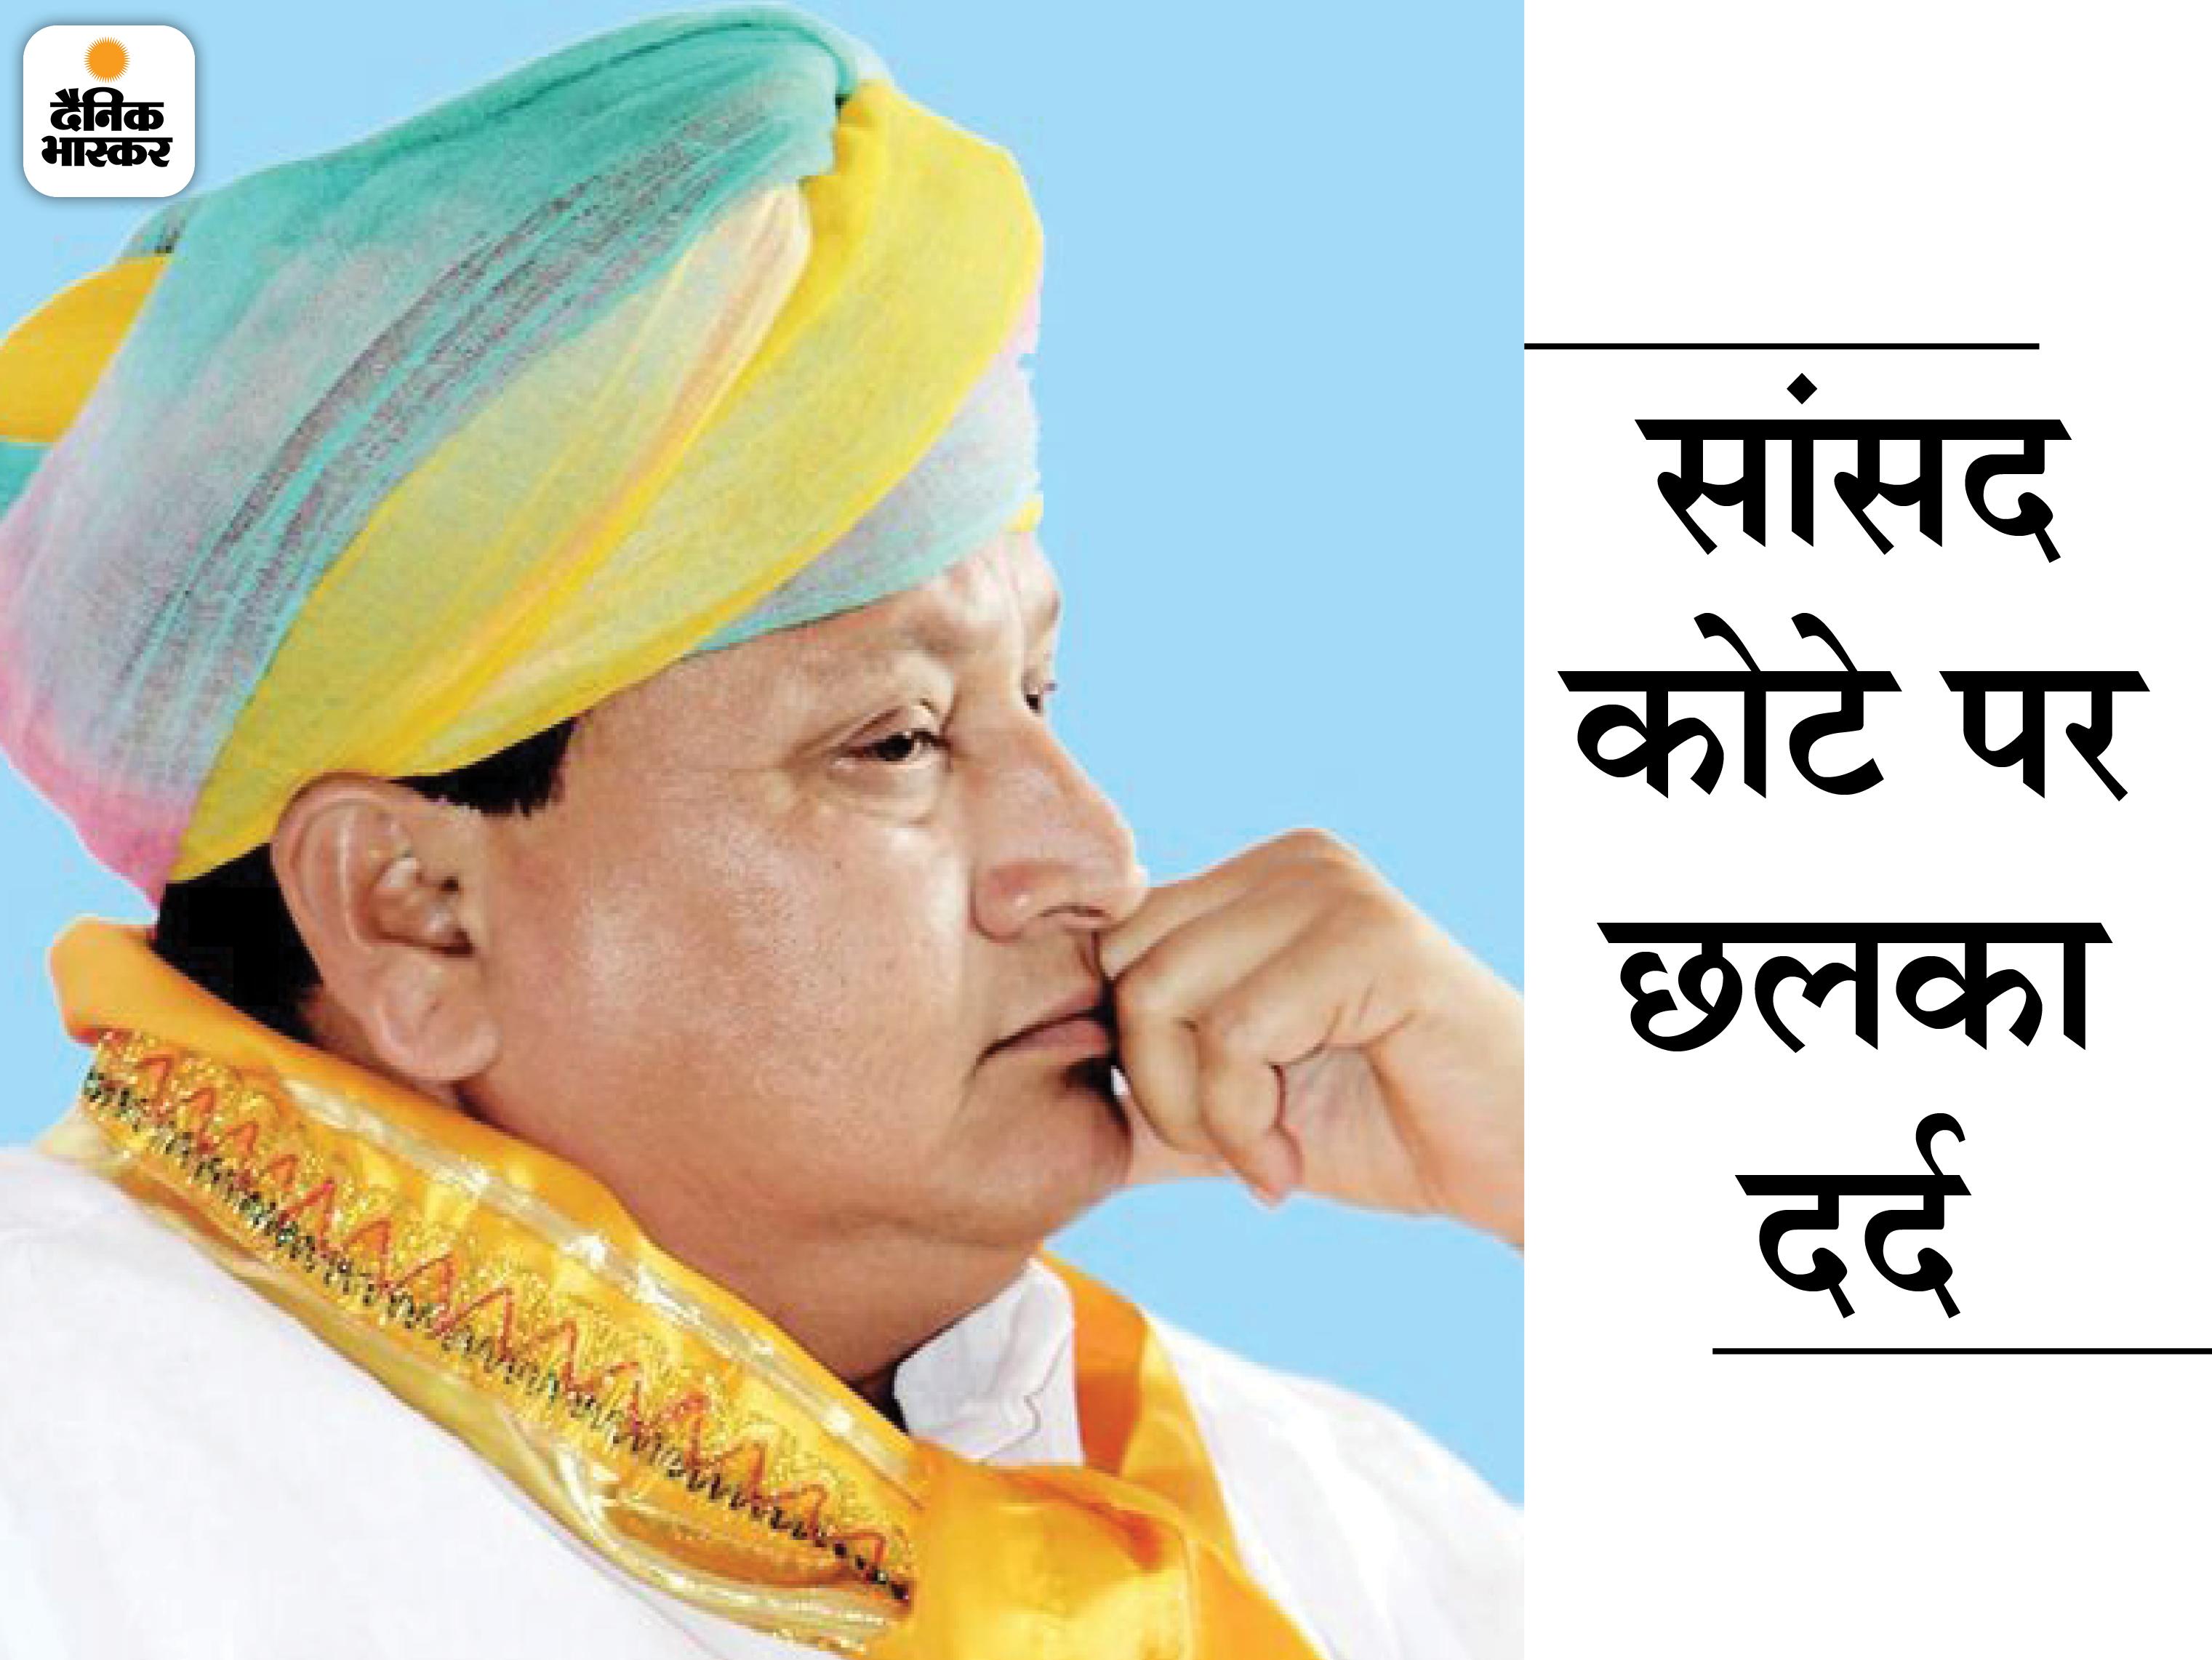 BJP सांसद अर्जुन लाल ने PM मोदी को पत्र लिखा- जनता की मदद नहीं कर पा रहे हैं, आक्रोश बढ़ रहा है; शुरू करें सांसद निधि|उदयपुर,Udaipur - Dainik Bhaskar